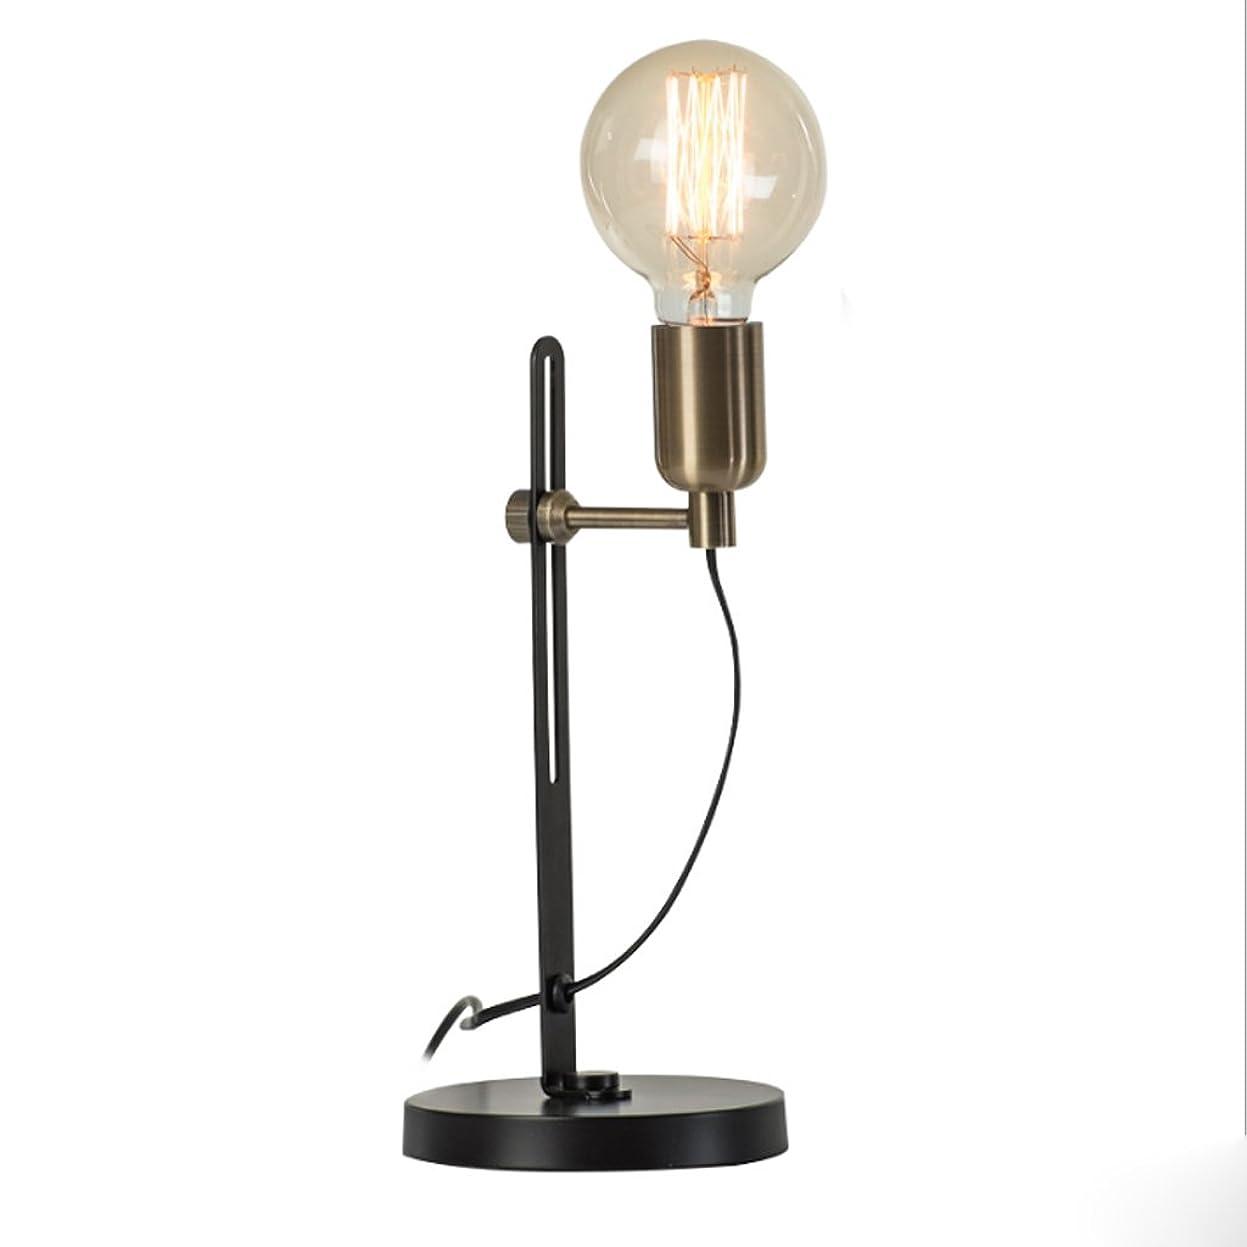 薄いです男やもめ関税Great St. 調節可能な高低低ベッドサイドランプ、シンプルな金属の読書灯、クリエイティブリビングルームのベッドルームの装飾レトロテーブルランプ (色 : ブロンズ)